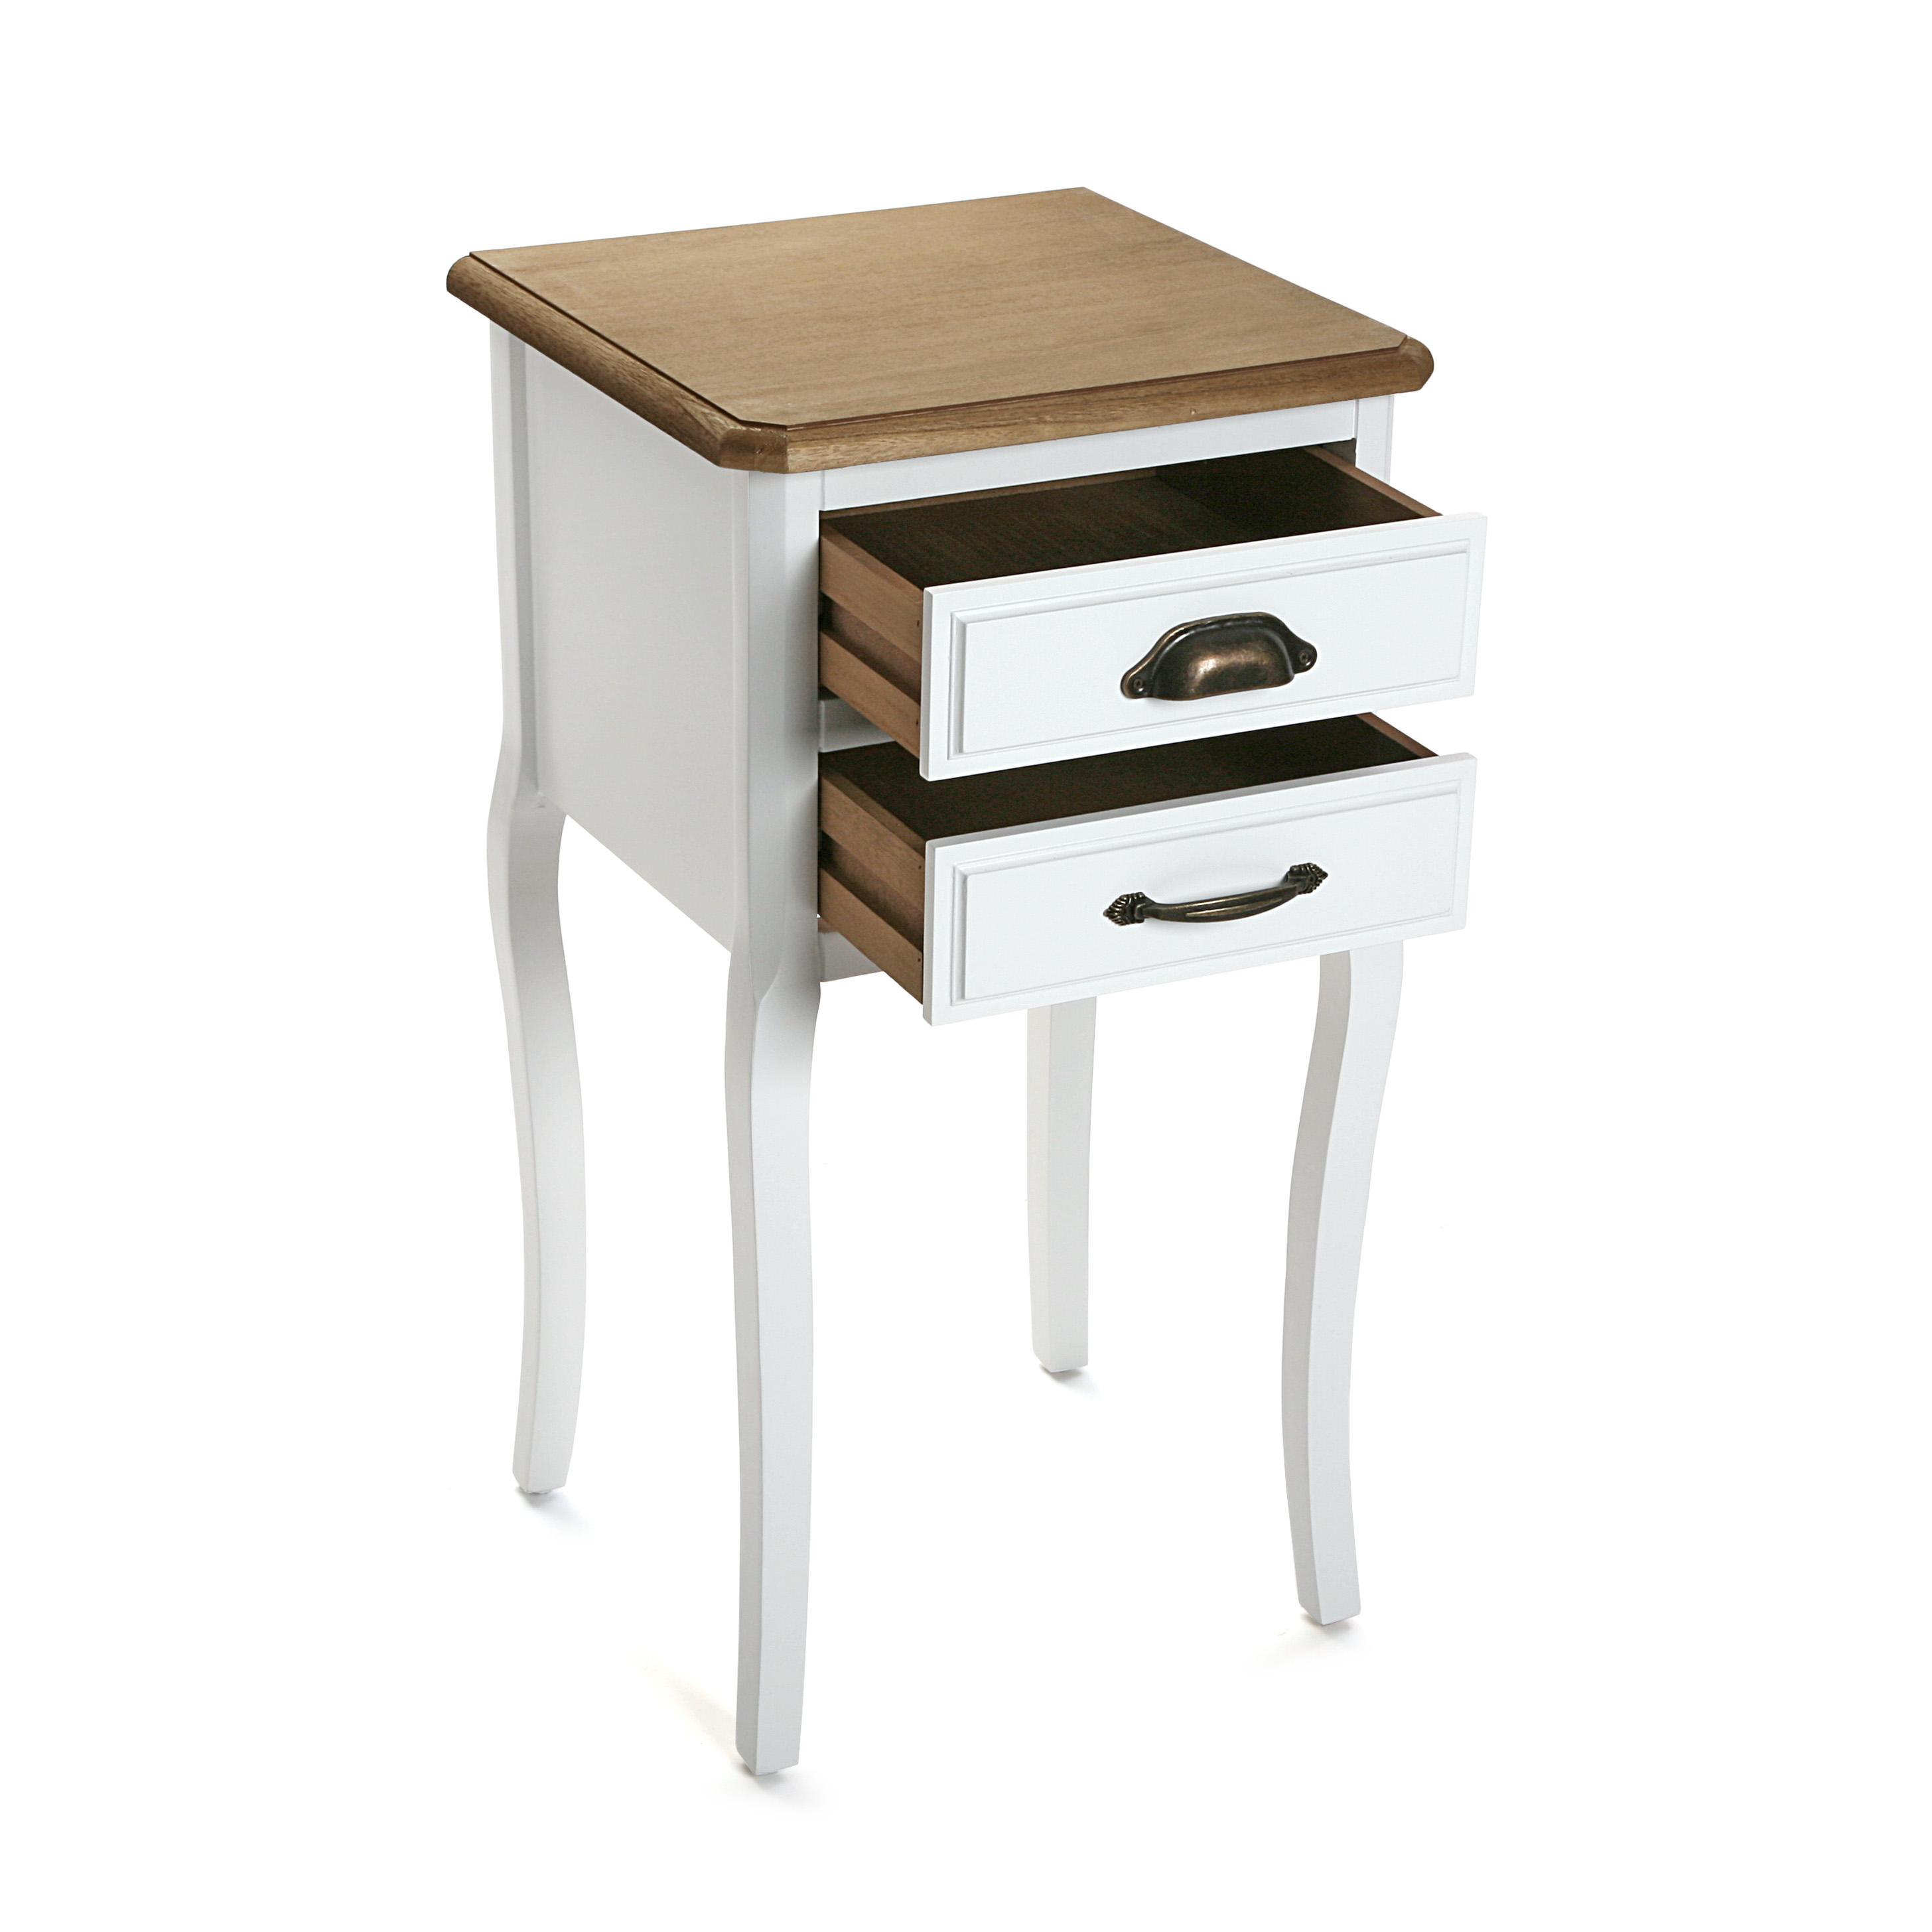 Table Blanche Pied Bois table de chevet romantique 2 tiroirs en bois blanc et plateau bois naturel,  aux poignées mixées, pieds galbés 37x35x69cm caline